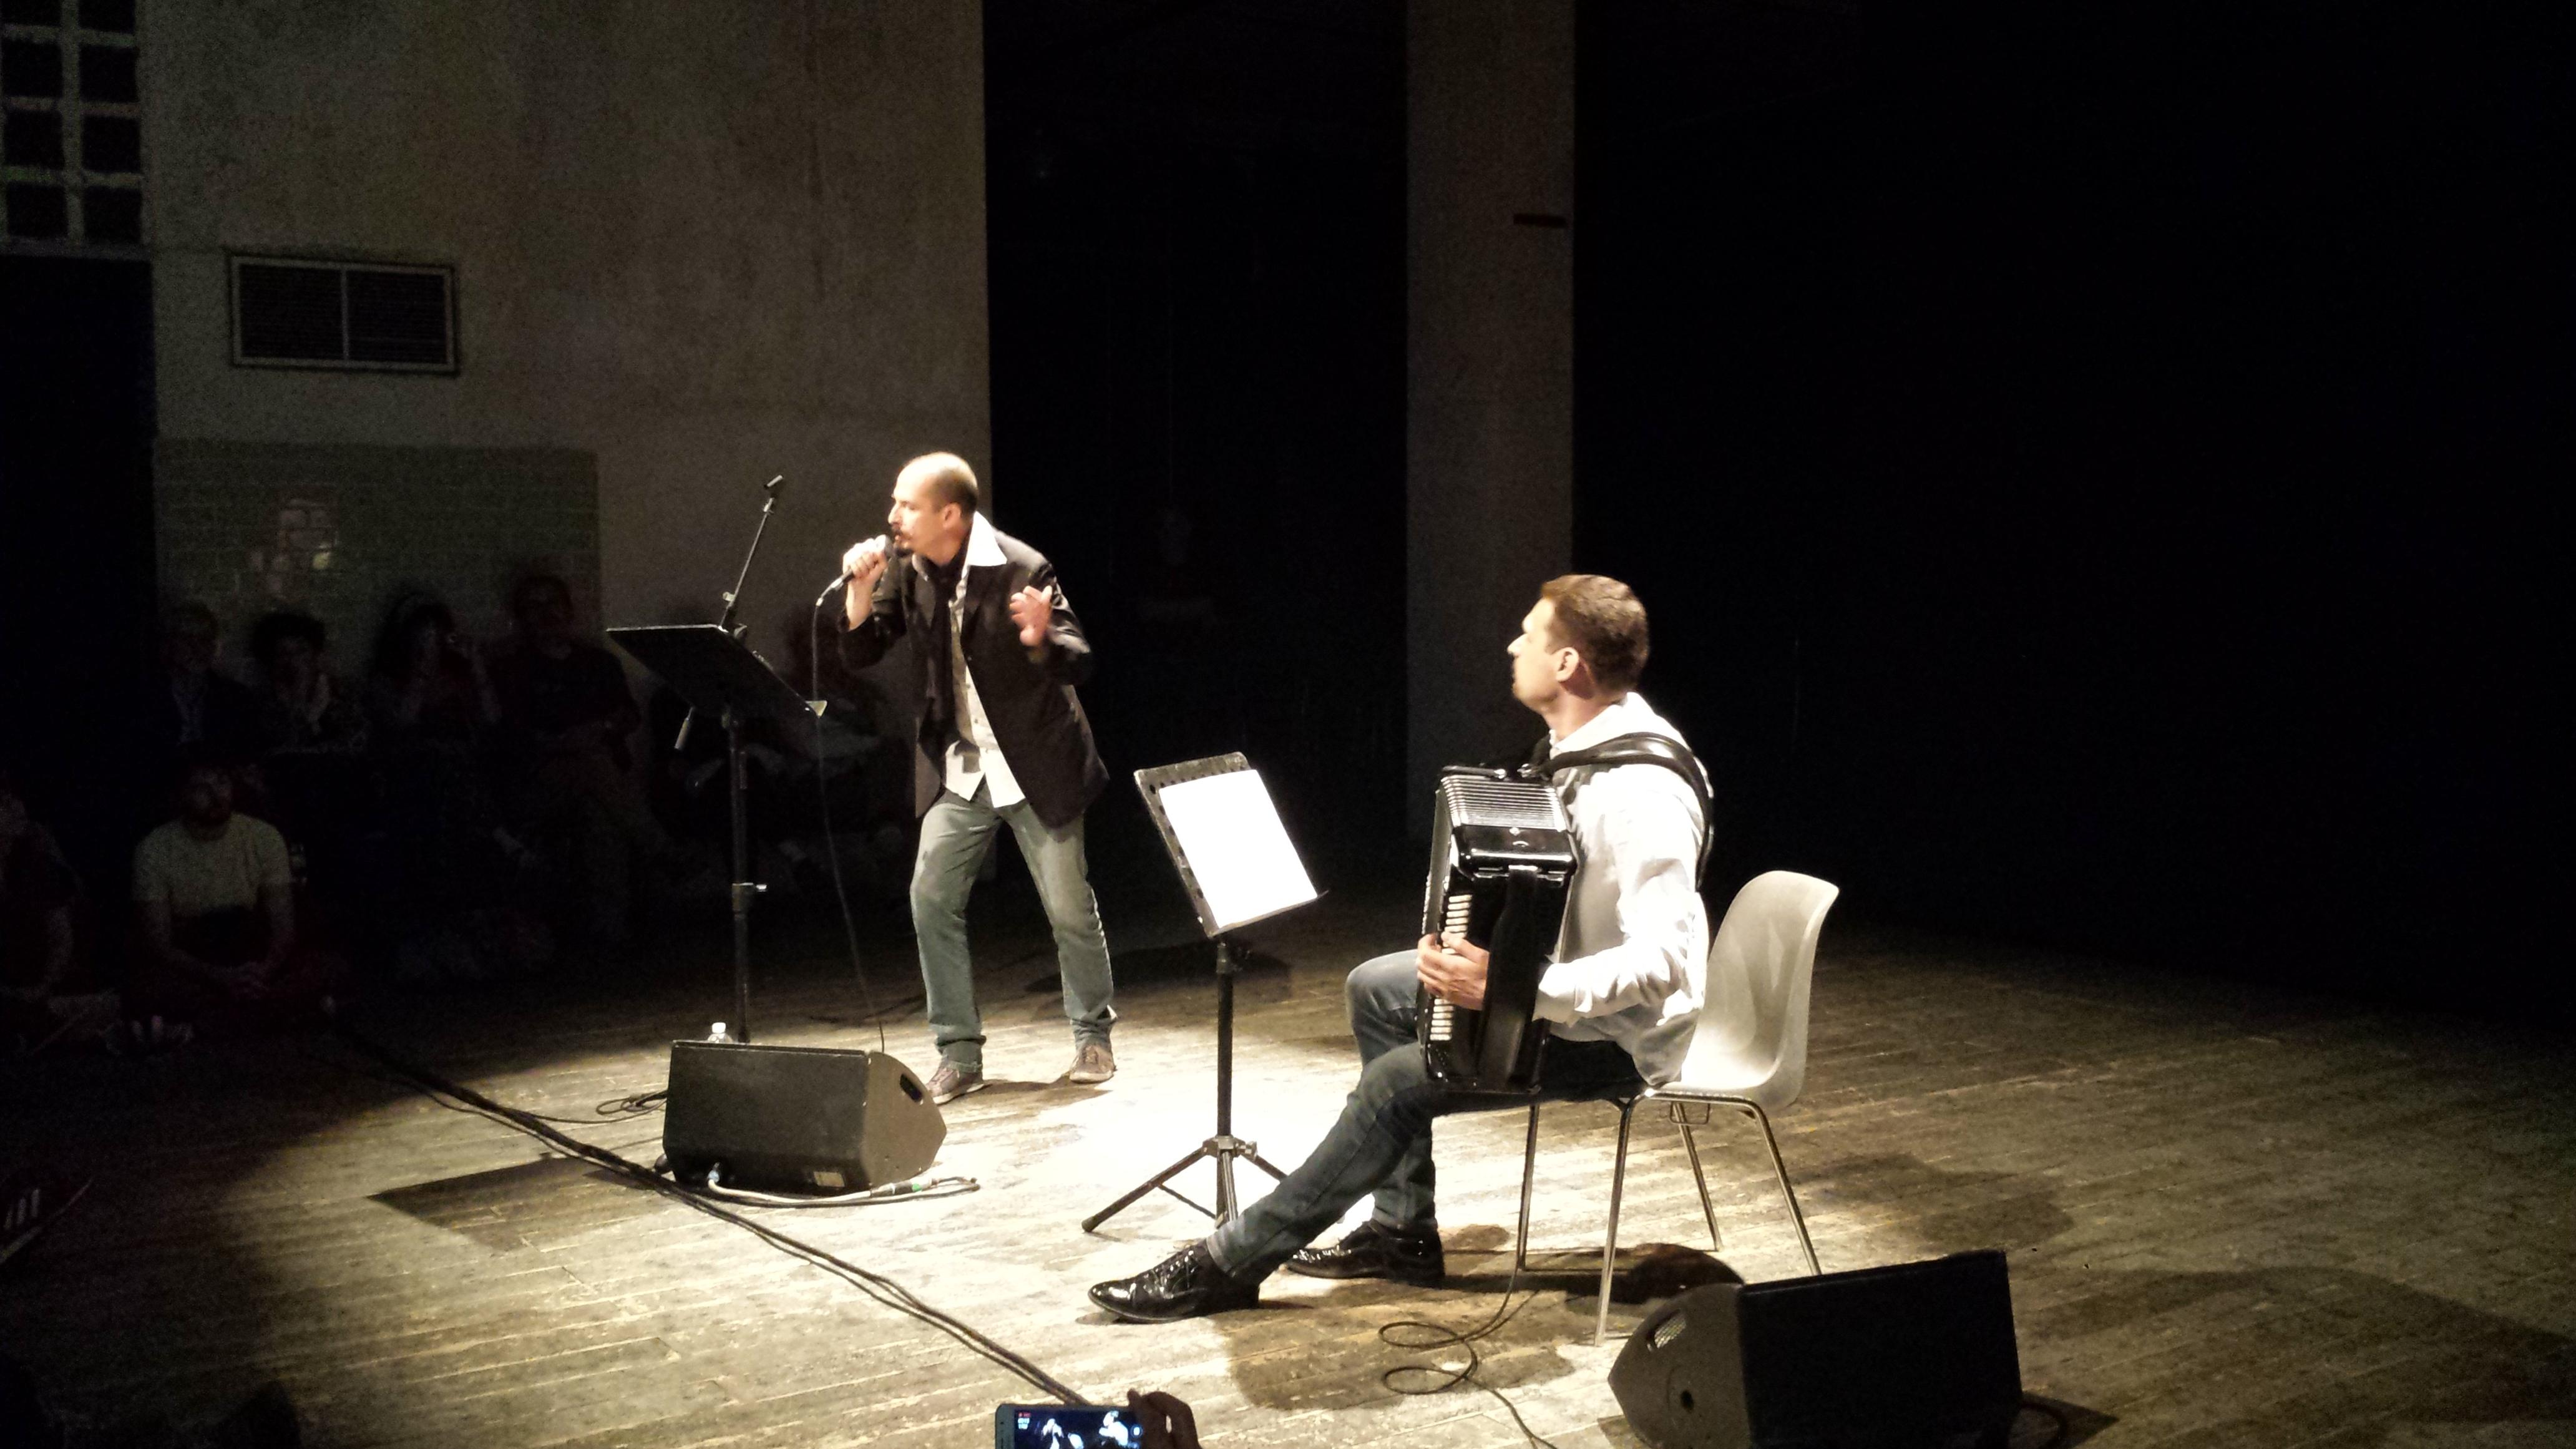 Maler in concerto